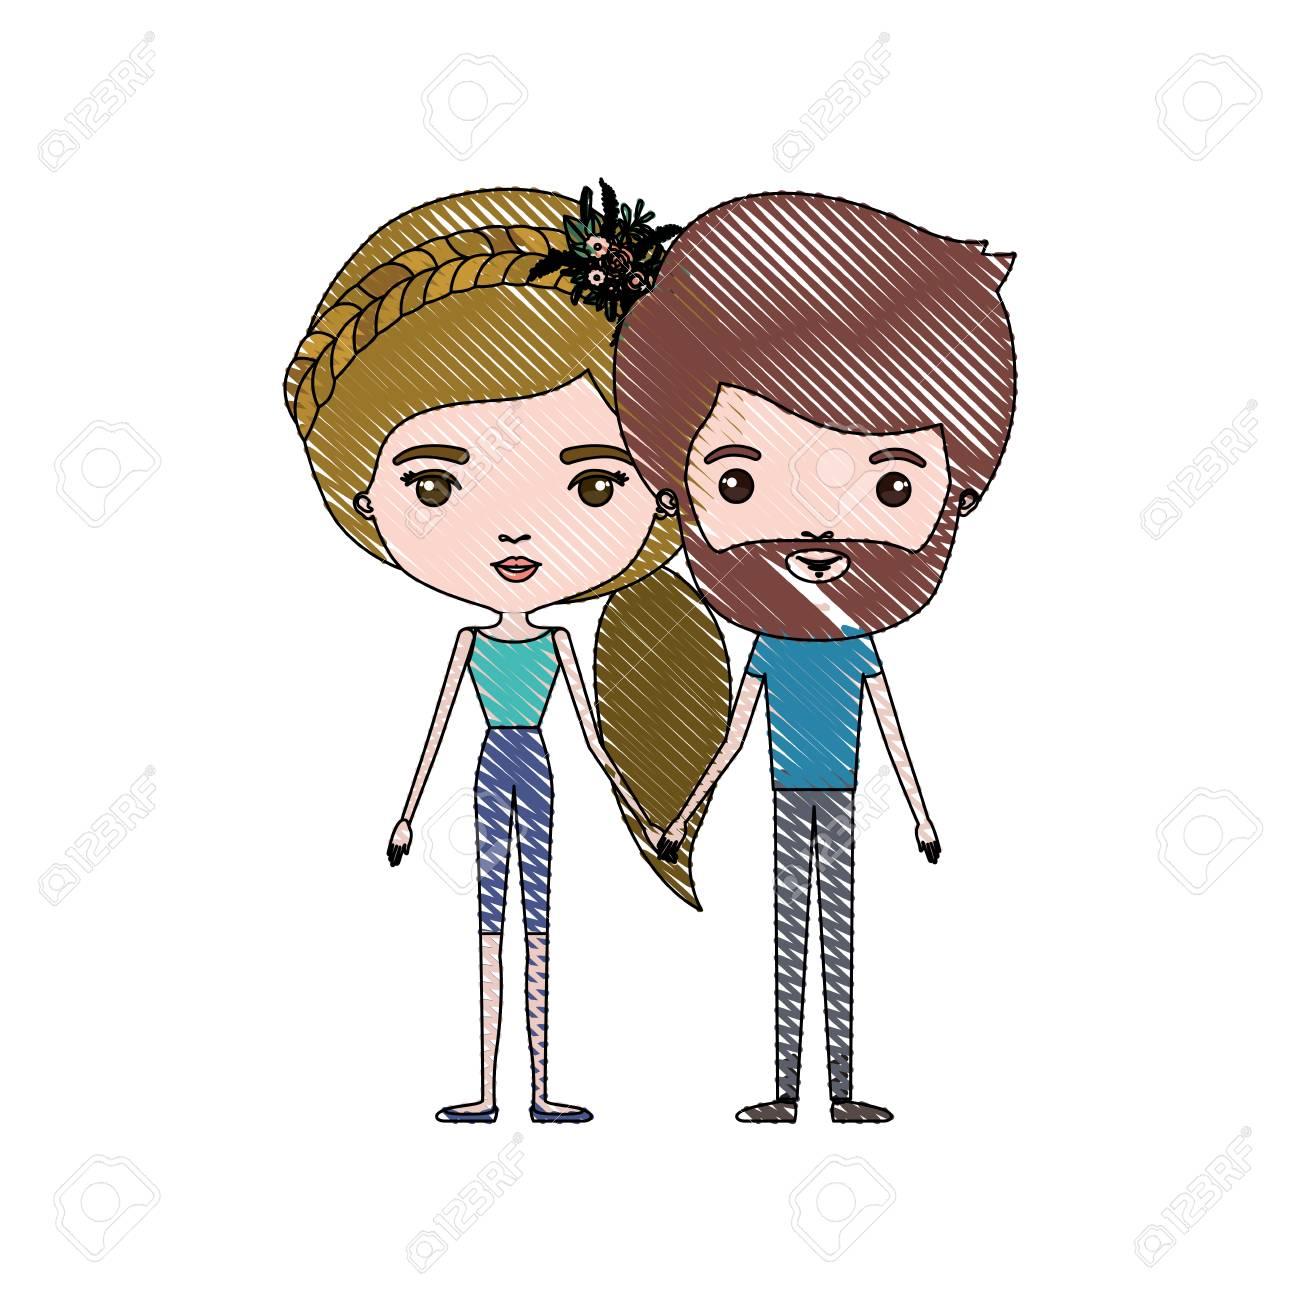 パンツと金髪ポニーテールの髪型と花の王冠アクセサリー ベクトル